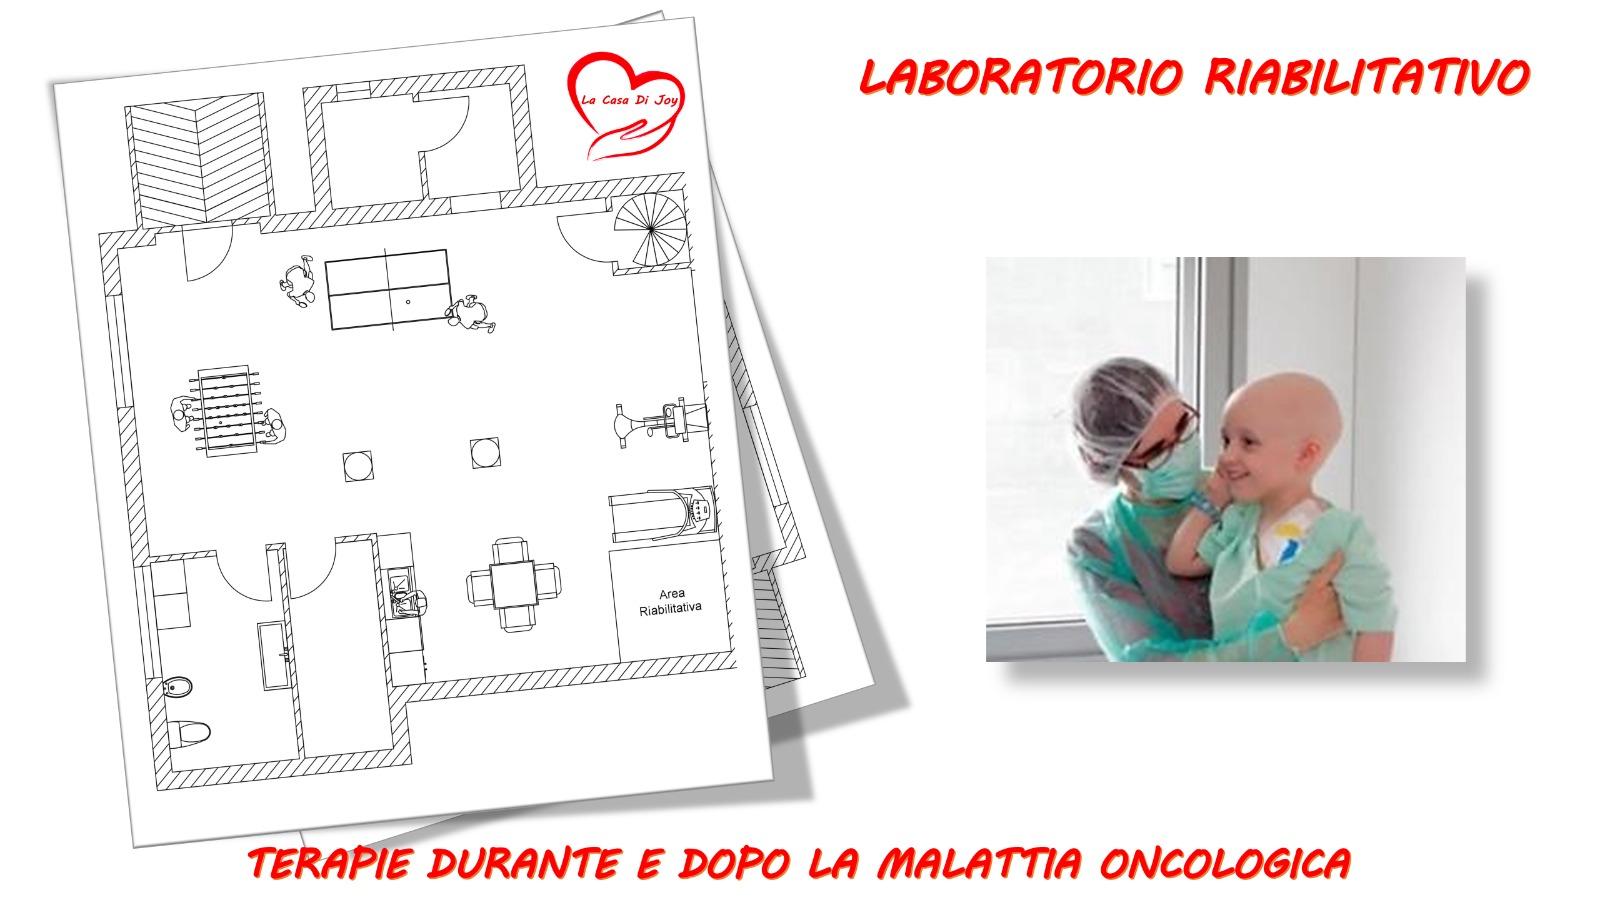 Laboratorio Permanente per i bambini malati oncologici